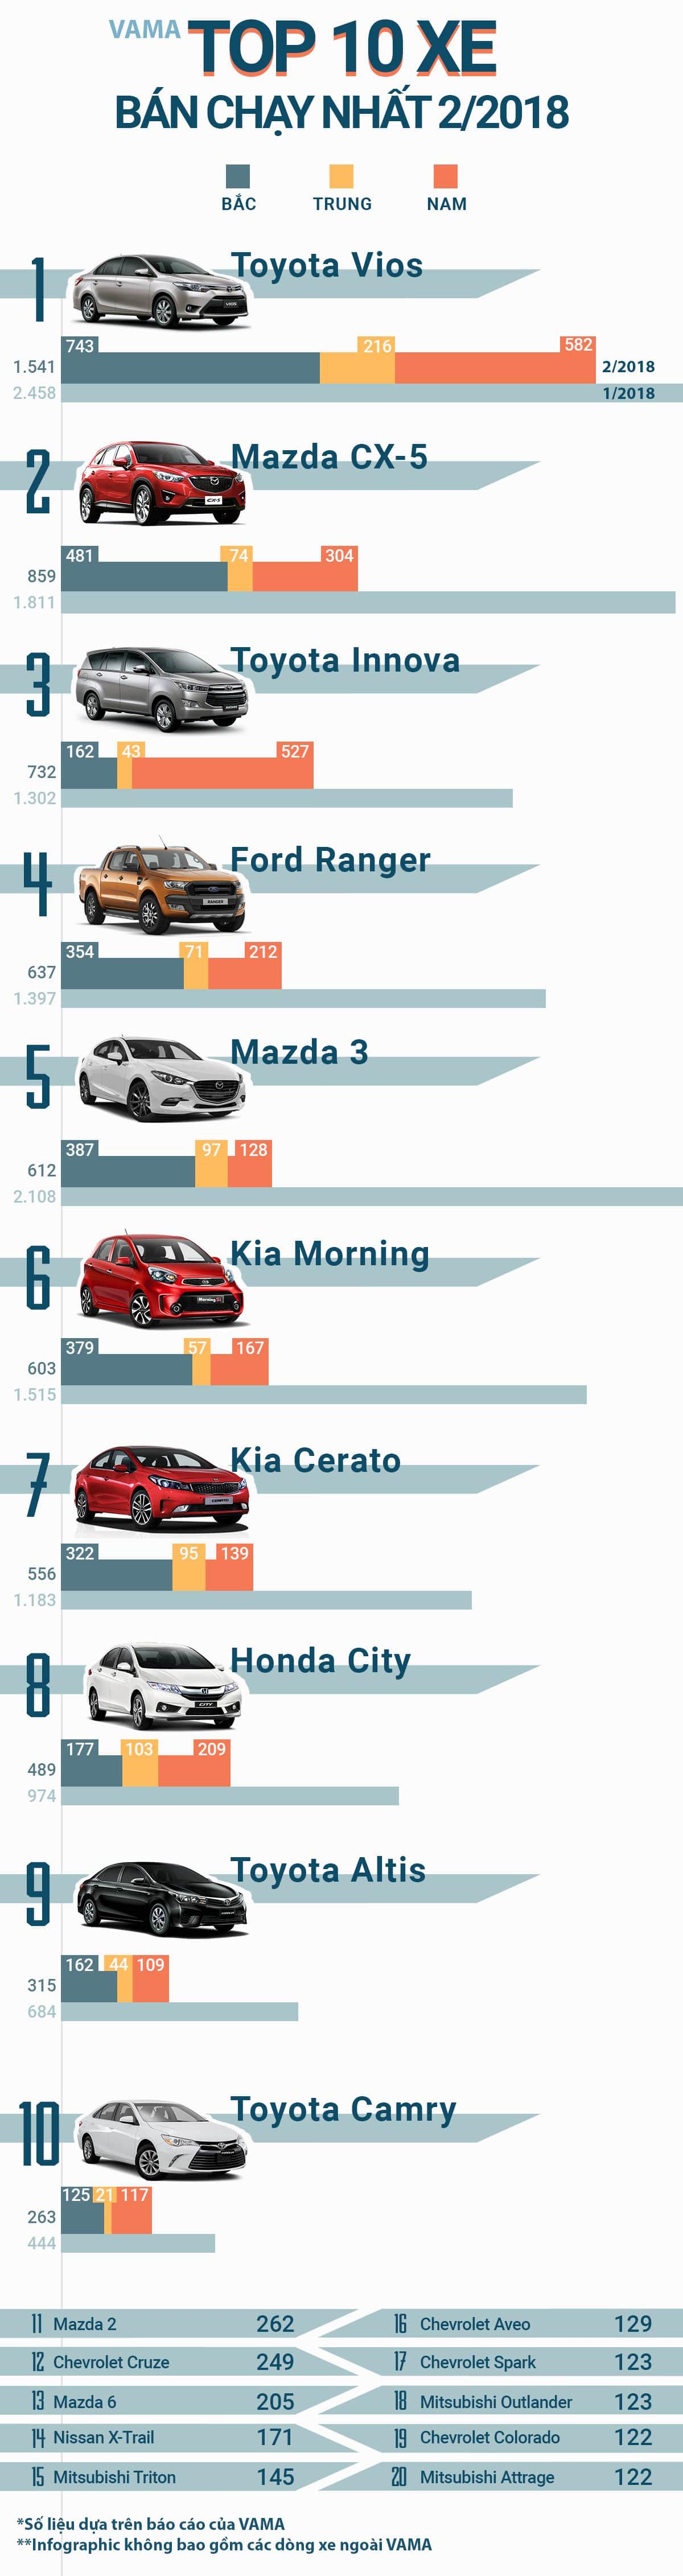 Top 10 xe bán chạy T2/2018